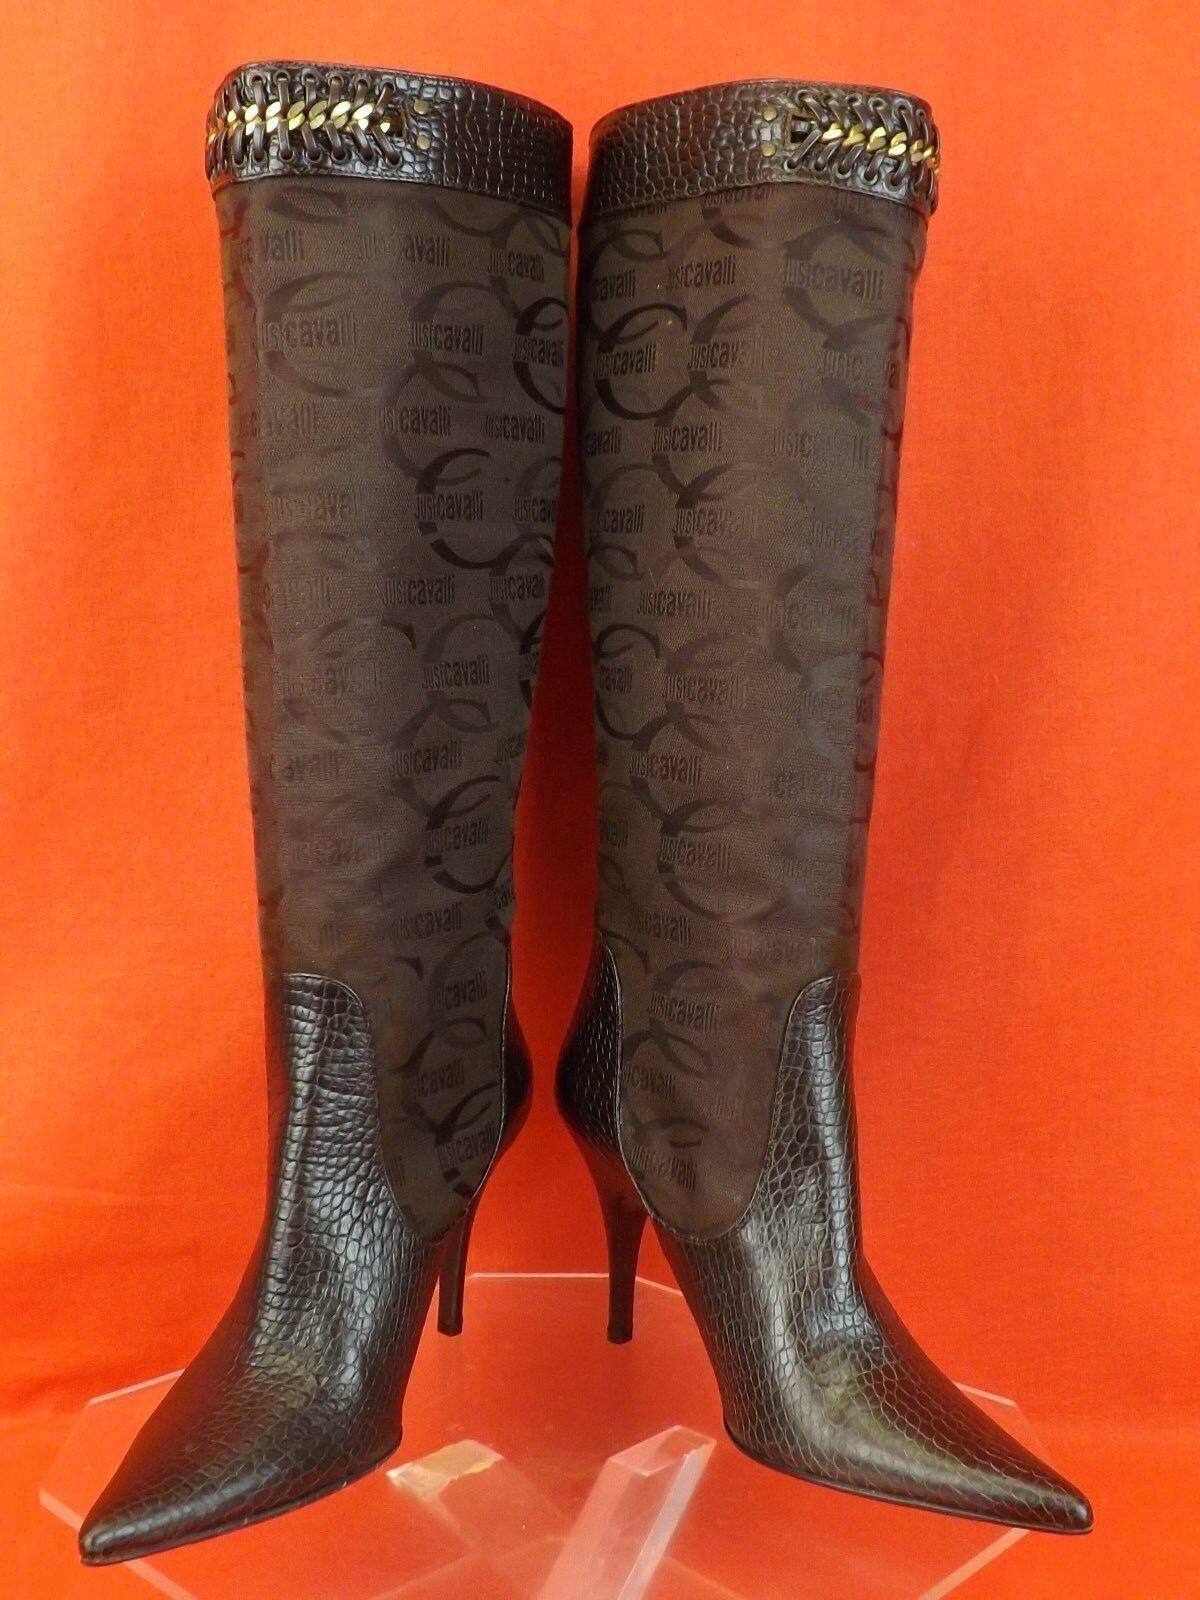 NWB NWB NWB Just Cavalli Marrón Cocodrilo Cadena De Lona logotipo impreso Lth la rodilla botas altas 40  Venta en línea precio bajo descuento